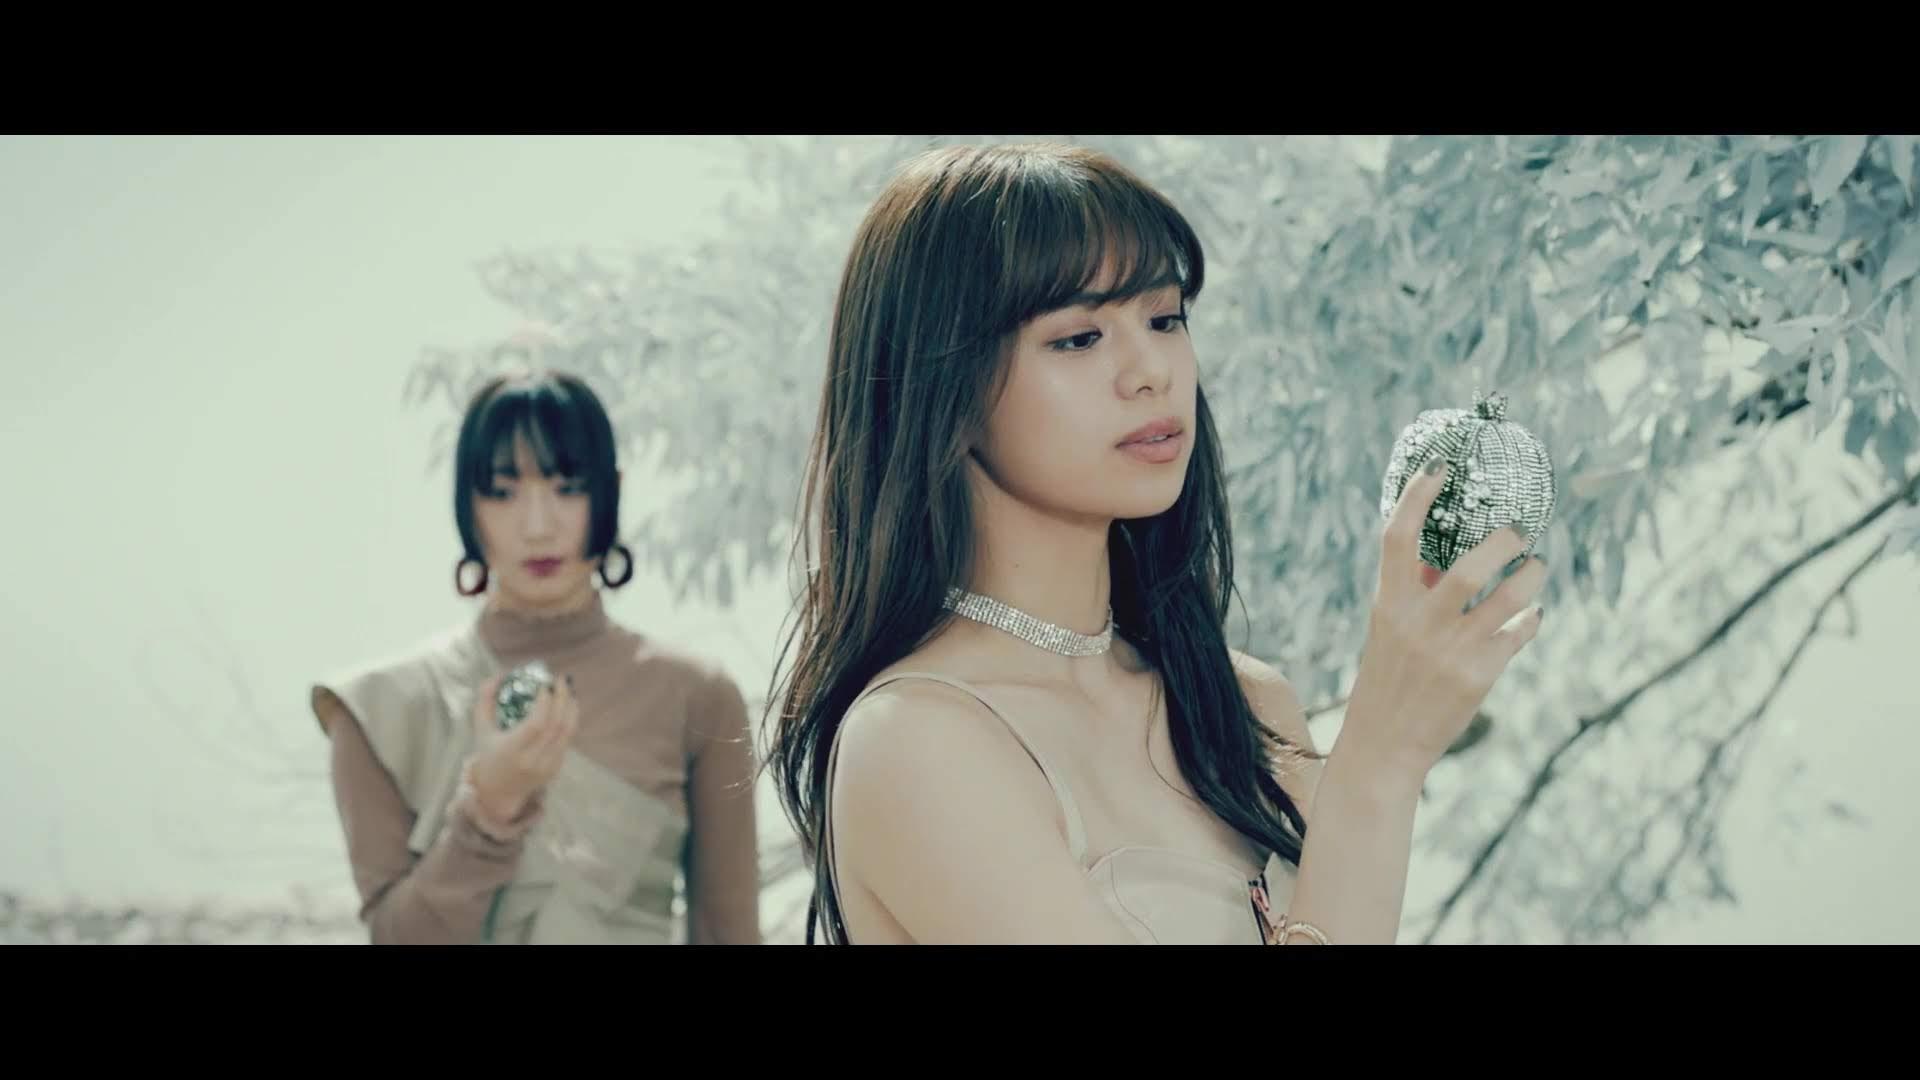 Harumi olhando a fruta.